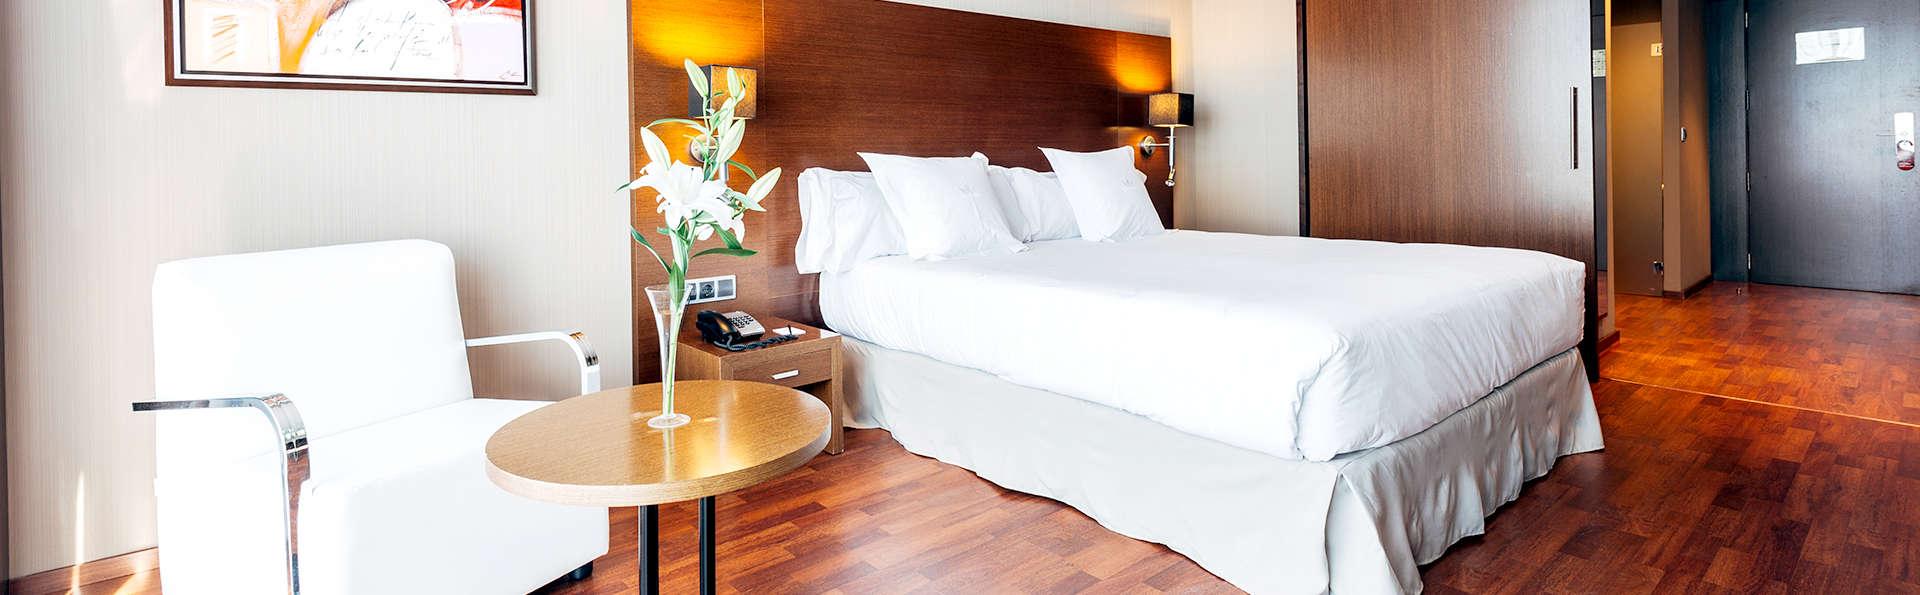 Séjournez dans un hôtel 4* à Paterna avec accès au spa, près de Valence